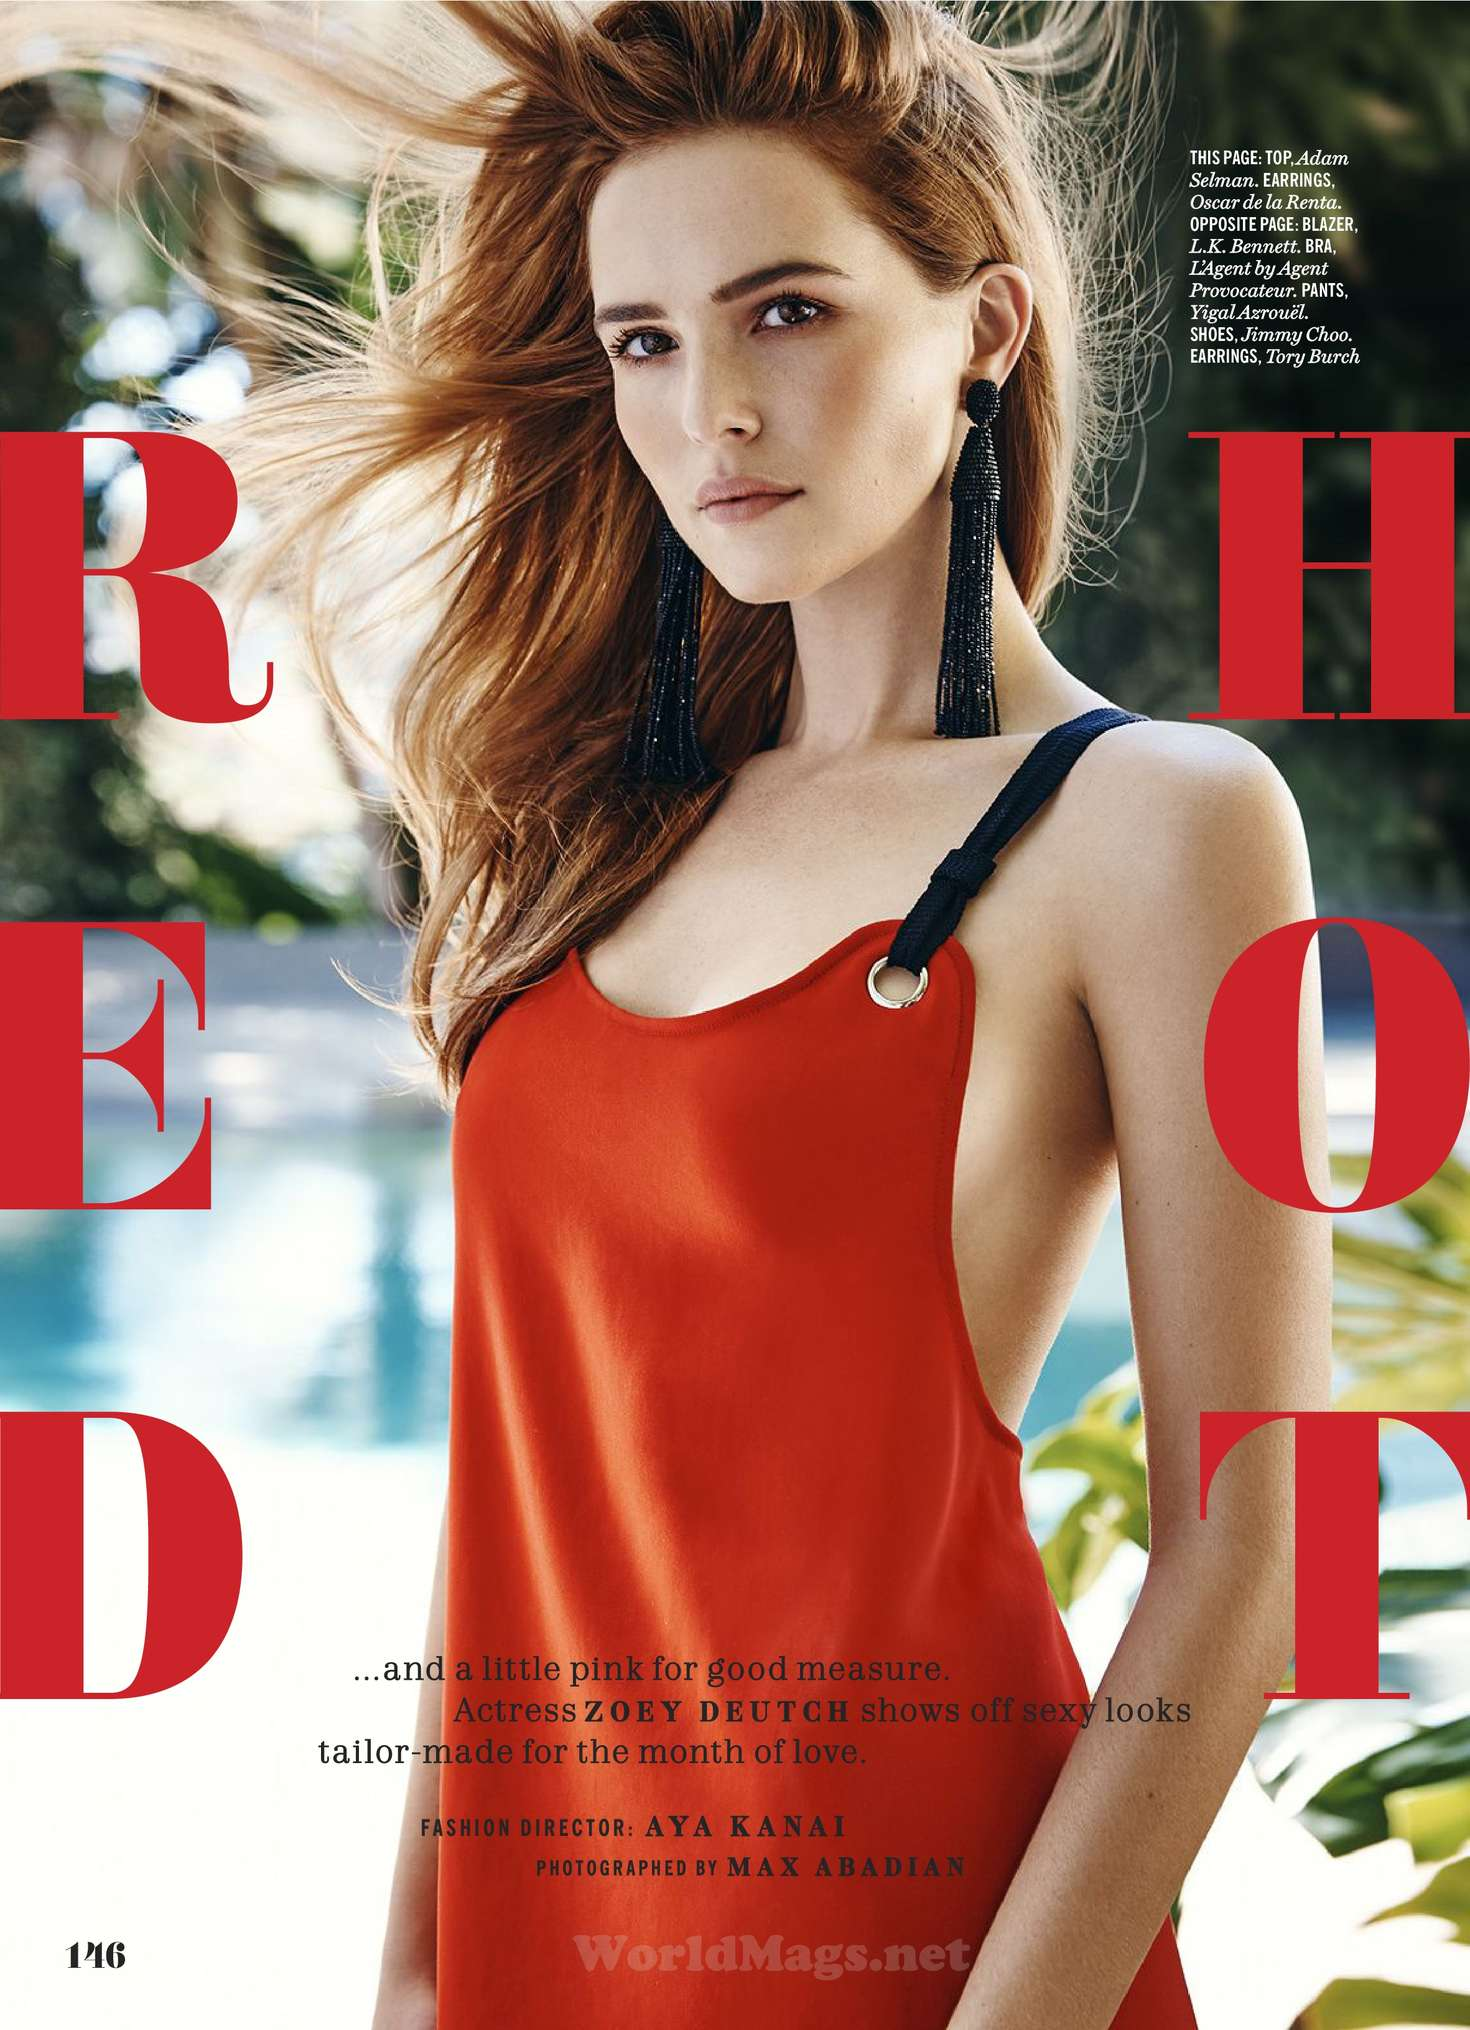 Zoey Deutch 2016 : Zoey Deutch: Cosmopolitan Magazine 2016 -17